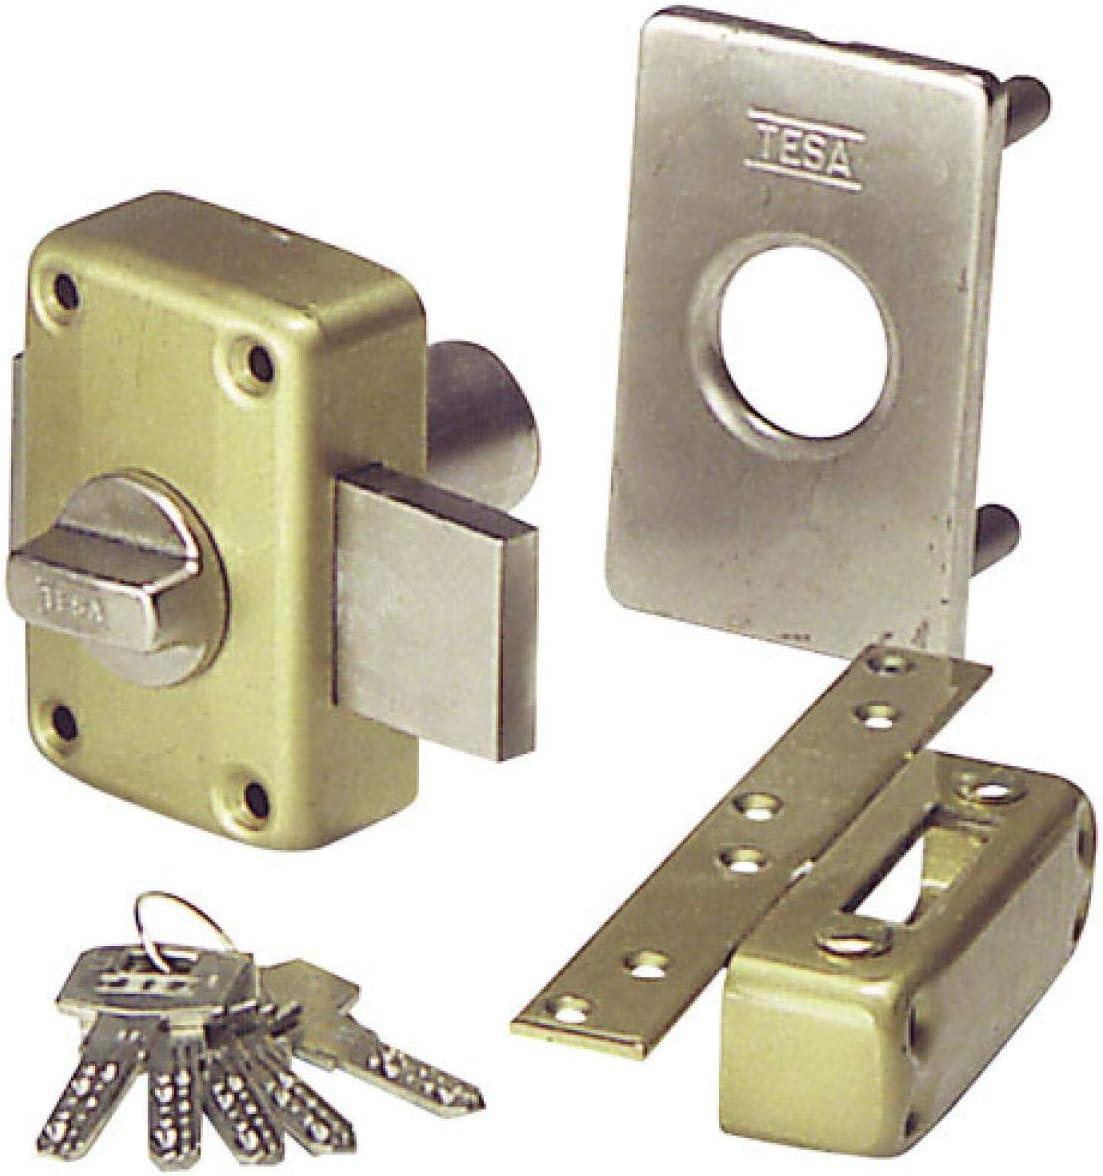 Tesa Assa Abloy Latonado Cerrojo de seguridad con llave exterior e interior 2111TE4E